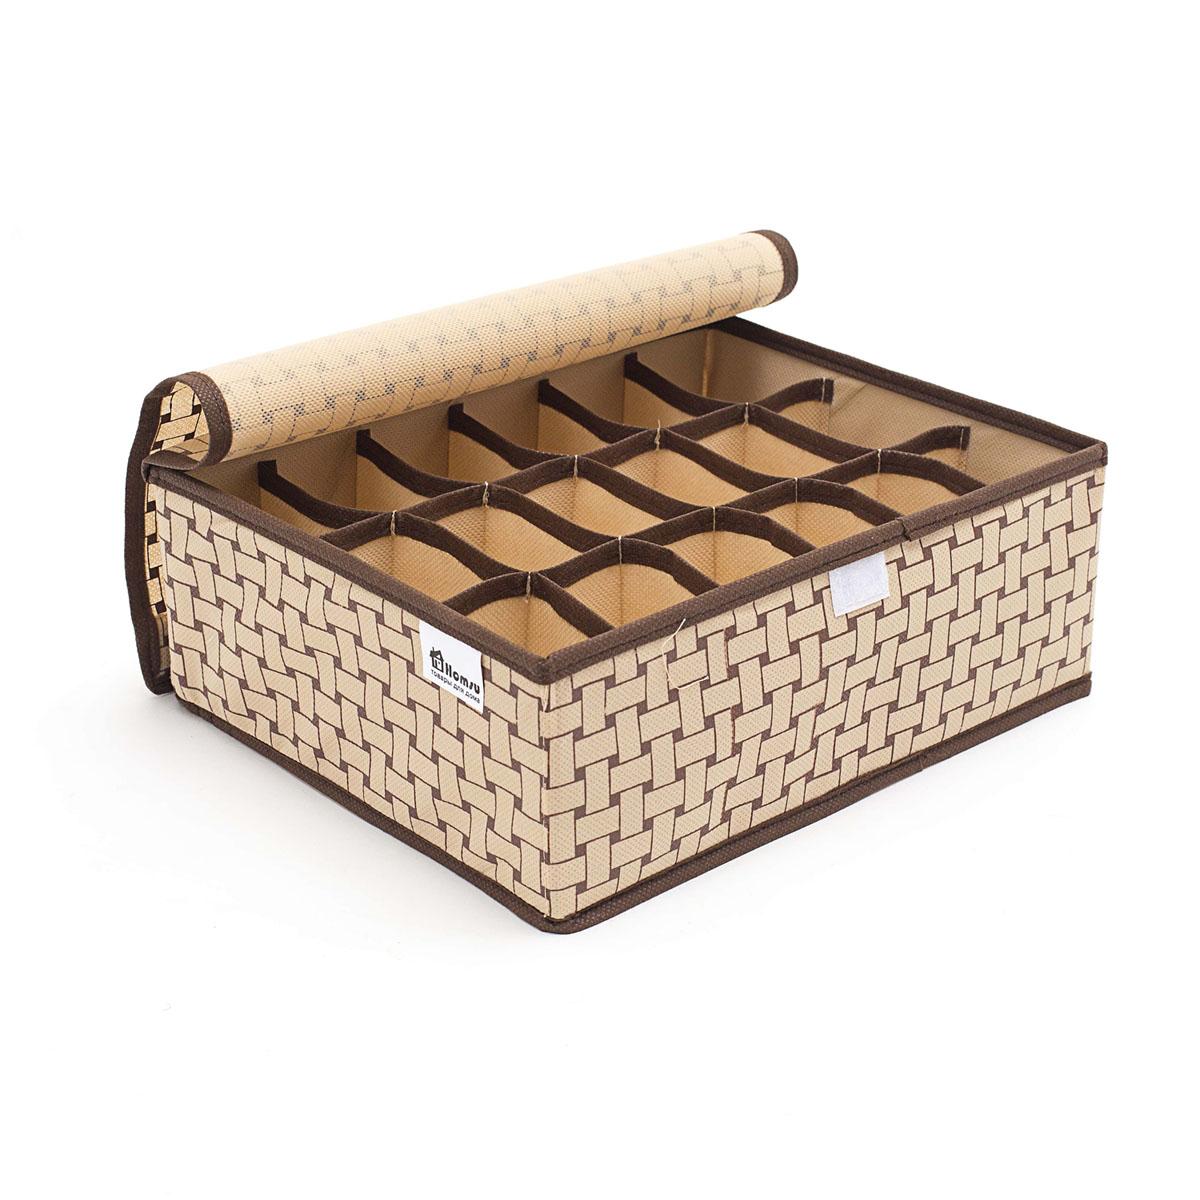 Органайзер для хранения вещей Homsu Pletenka, 18 секций, 31 х 24 х 11 смHOM-302Компактный складной органайзер Homsu Pletenka изготовлен из высококачественного полиэстера, который обеспечивает естественную вентиляцию. Материал позволяет воздуху свободно проникать внутрь, но не пропускает пыль. Органайзер отлично держит форму, благодаря вставкам из плотного картона. Изделие имеет 18 квадратных секций для хранения нижнего белья, колготок, носков и другой одежды. Такой органайзер позволит вам хранить вещи компактно и удобно, а оригинальный дизайн сделает вашу гардеробную красивой и невероятно стильной.